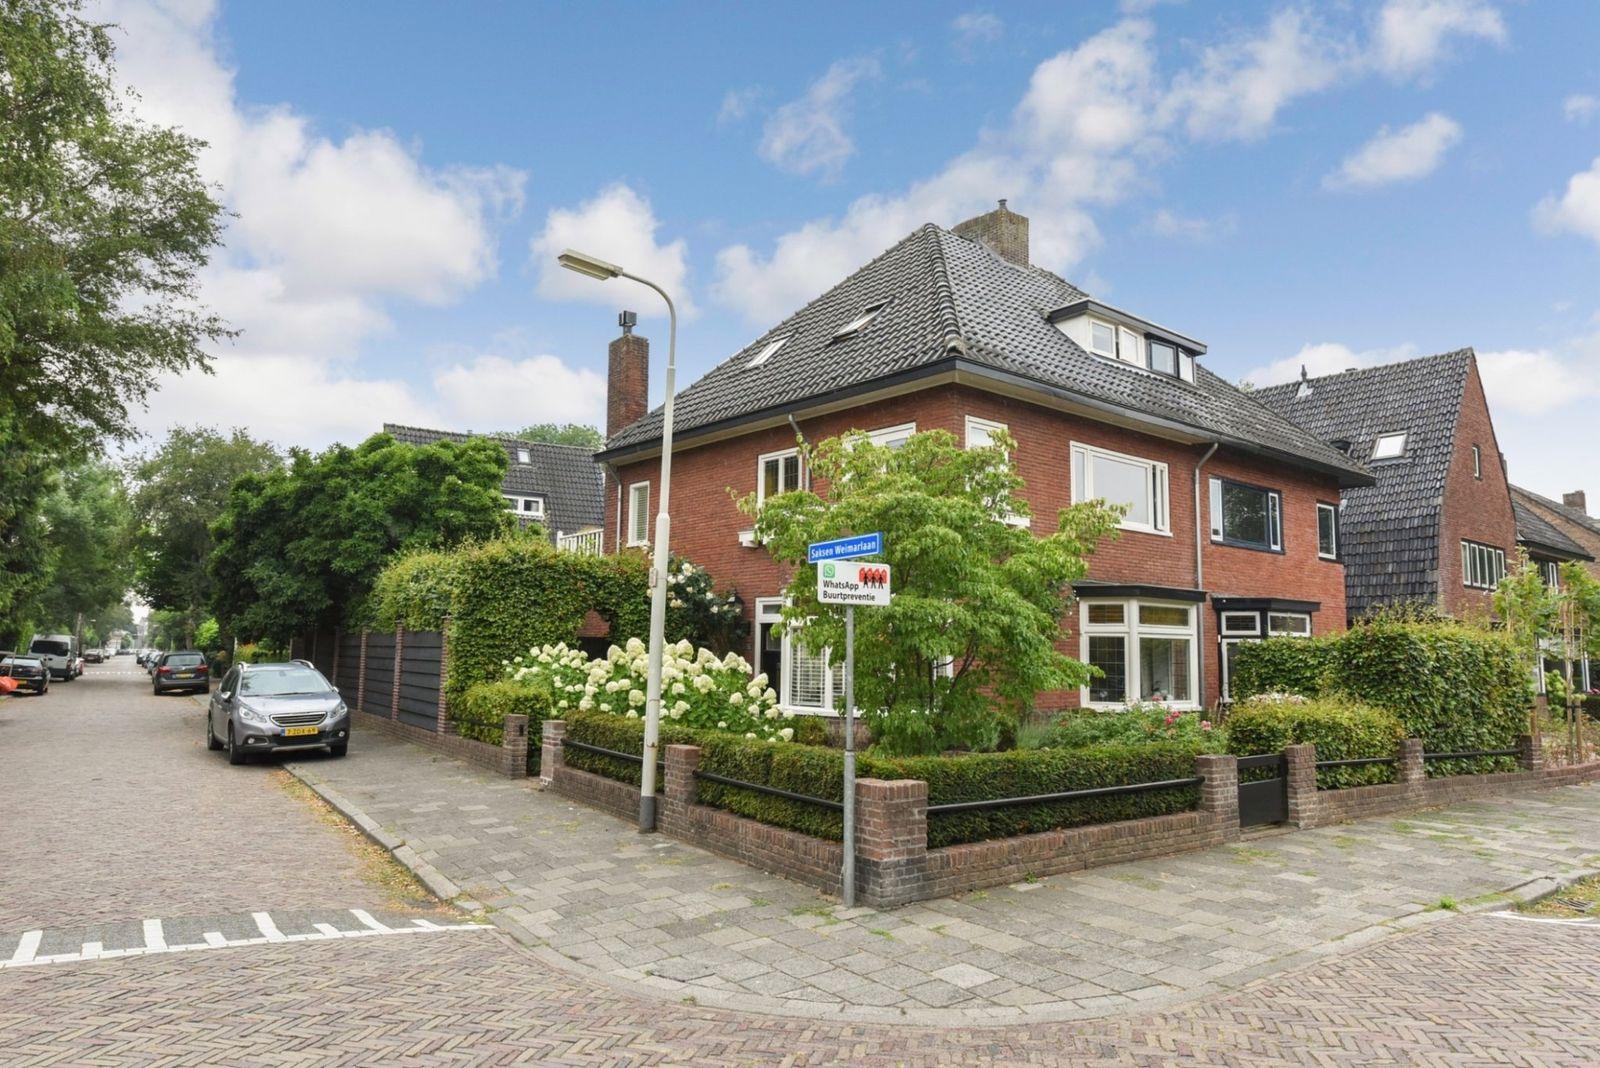 Saksen Weimarlaan 85, Breda